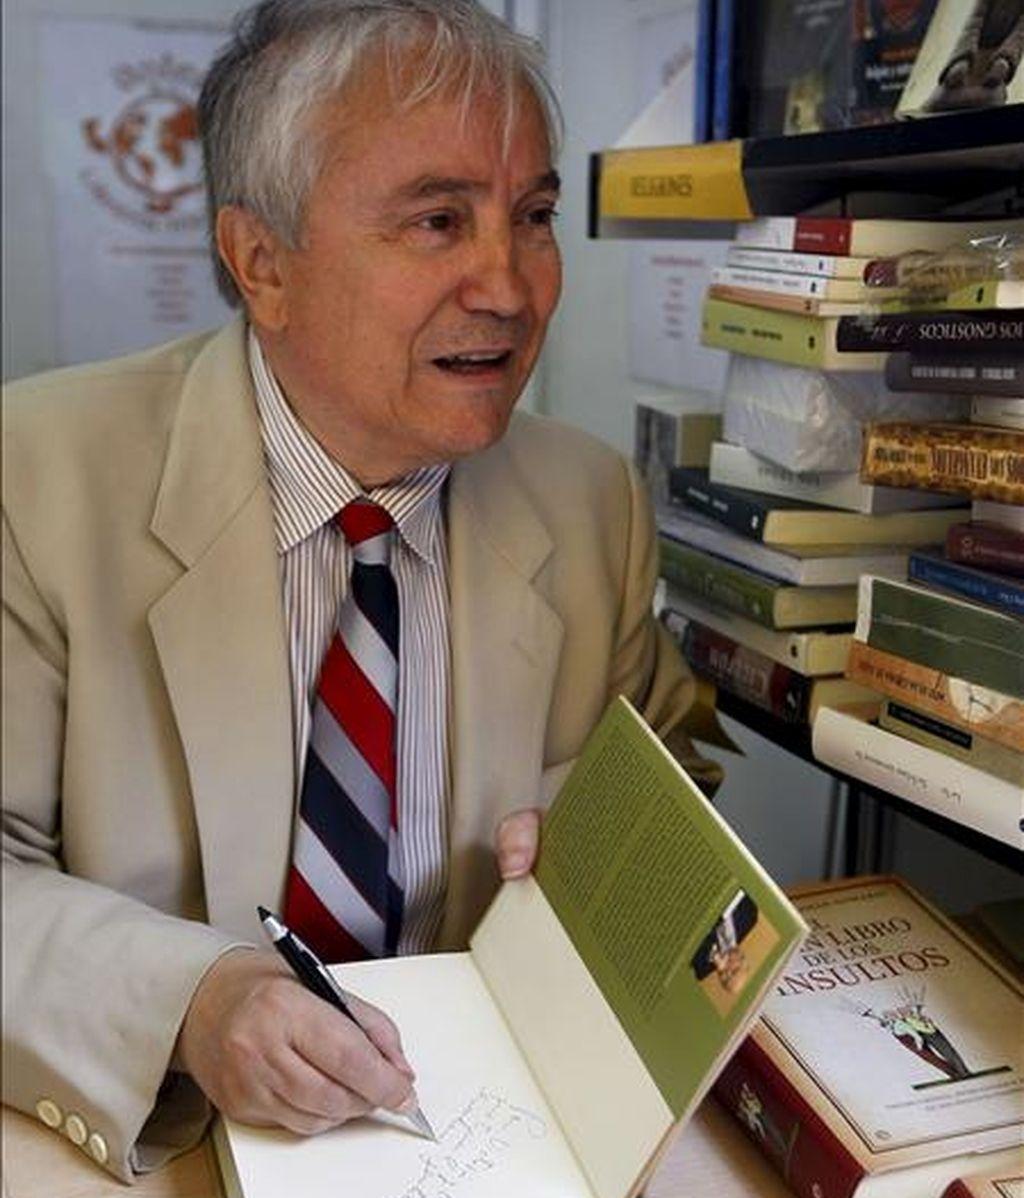 """Pancracio Celdrán, firma ejemplares de su obra """"El gran libro de la historia de las cosas"""" en la Feria del Libro de Madrid. EFE"""